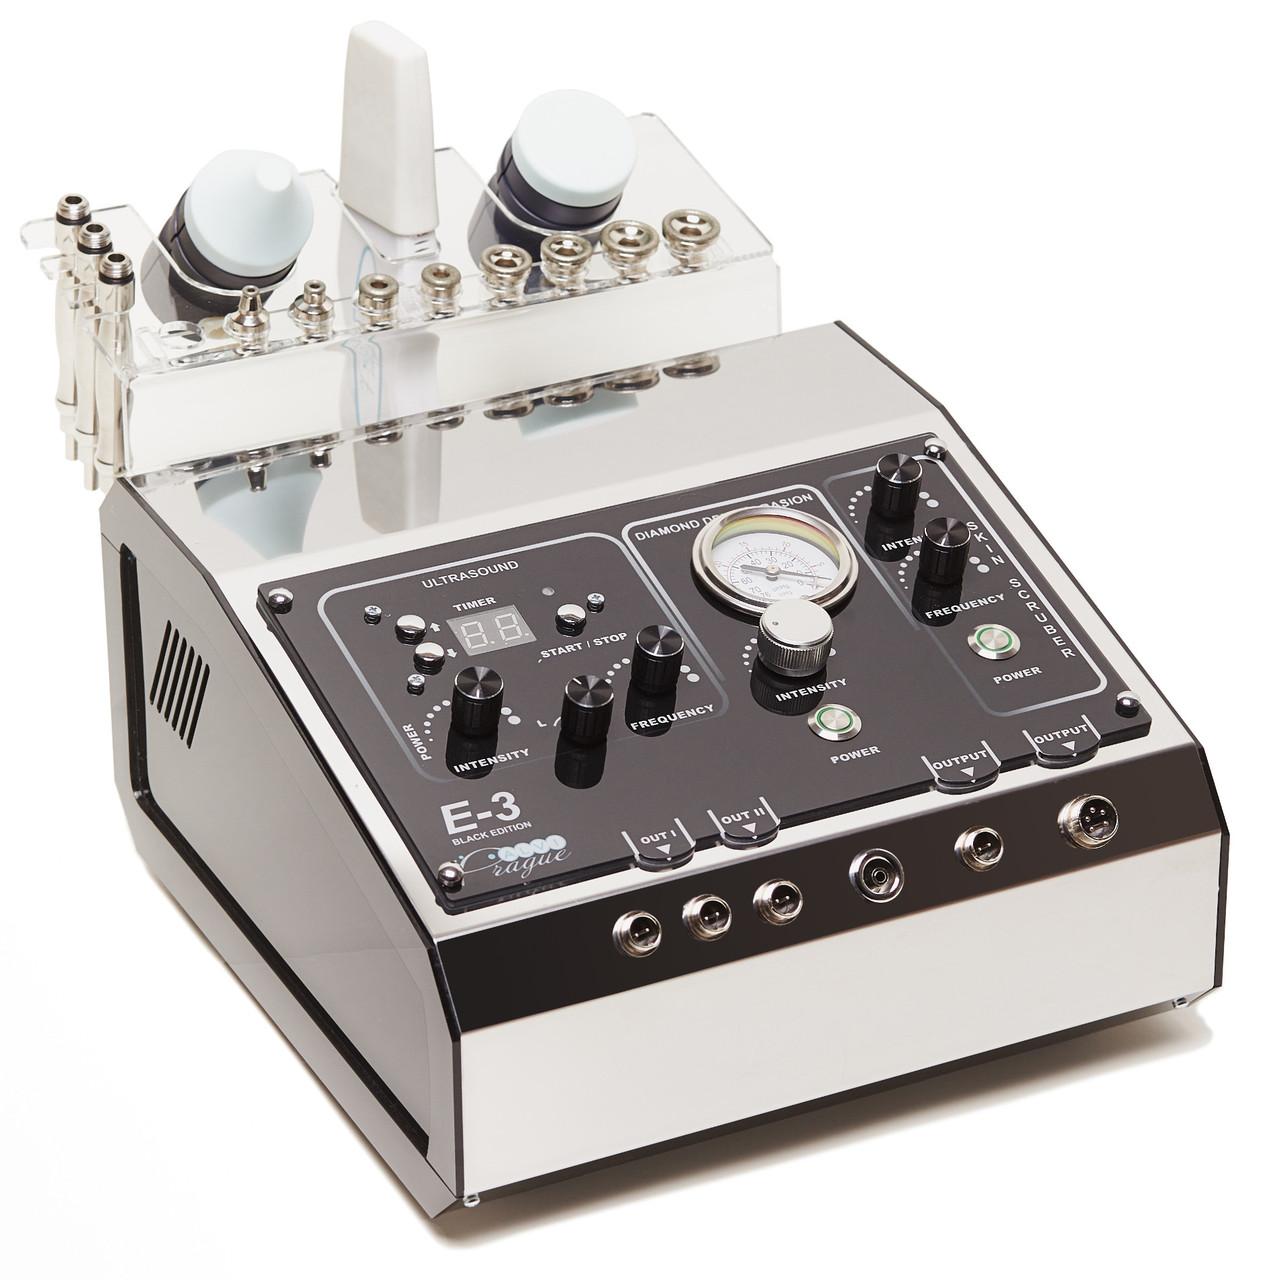 Многофункциональный аппарат E-3